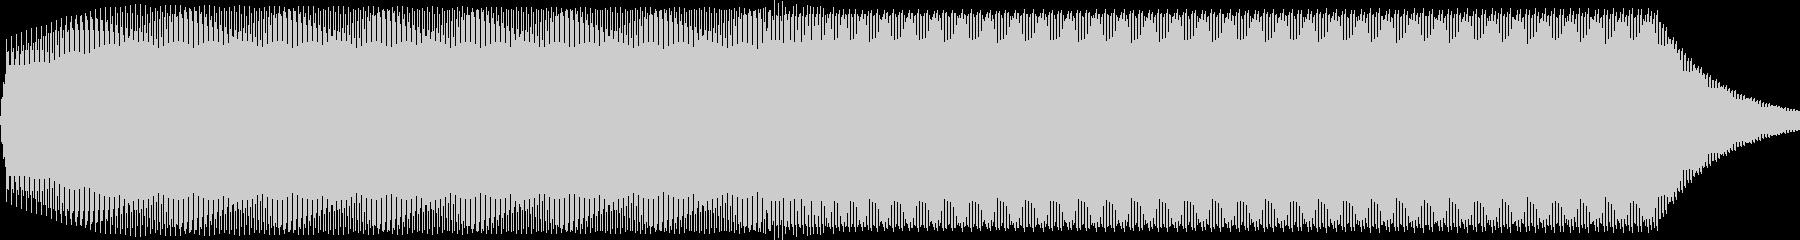 汎用ボタン6 ページ送り・セット等の未再生の波形